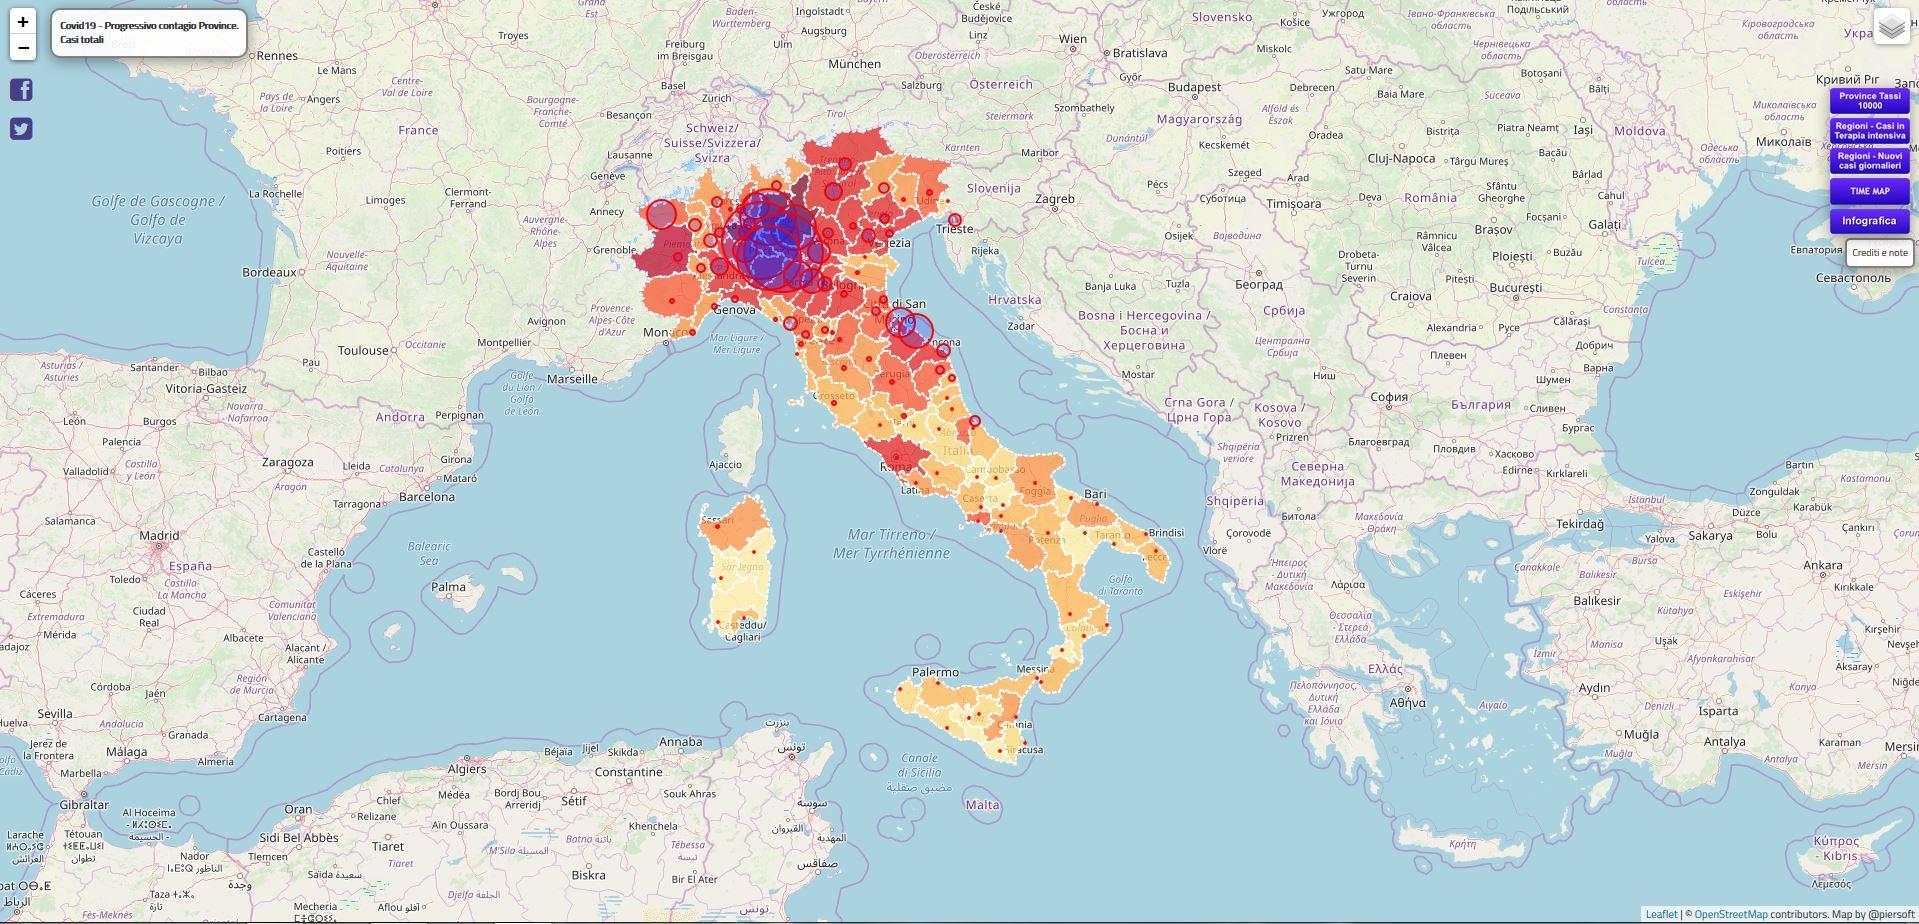 La diffusione del Covid-19 mappata utilizzando gli open data della Protezione civile